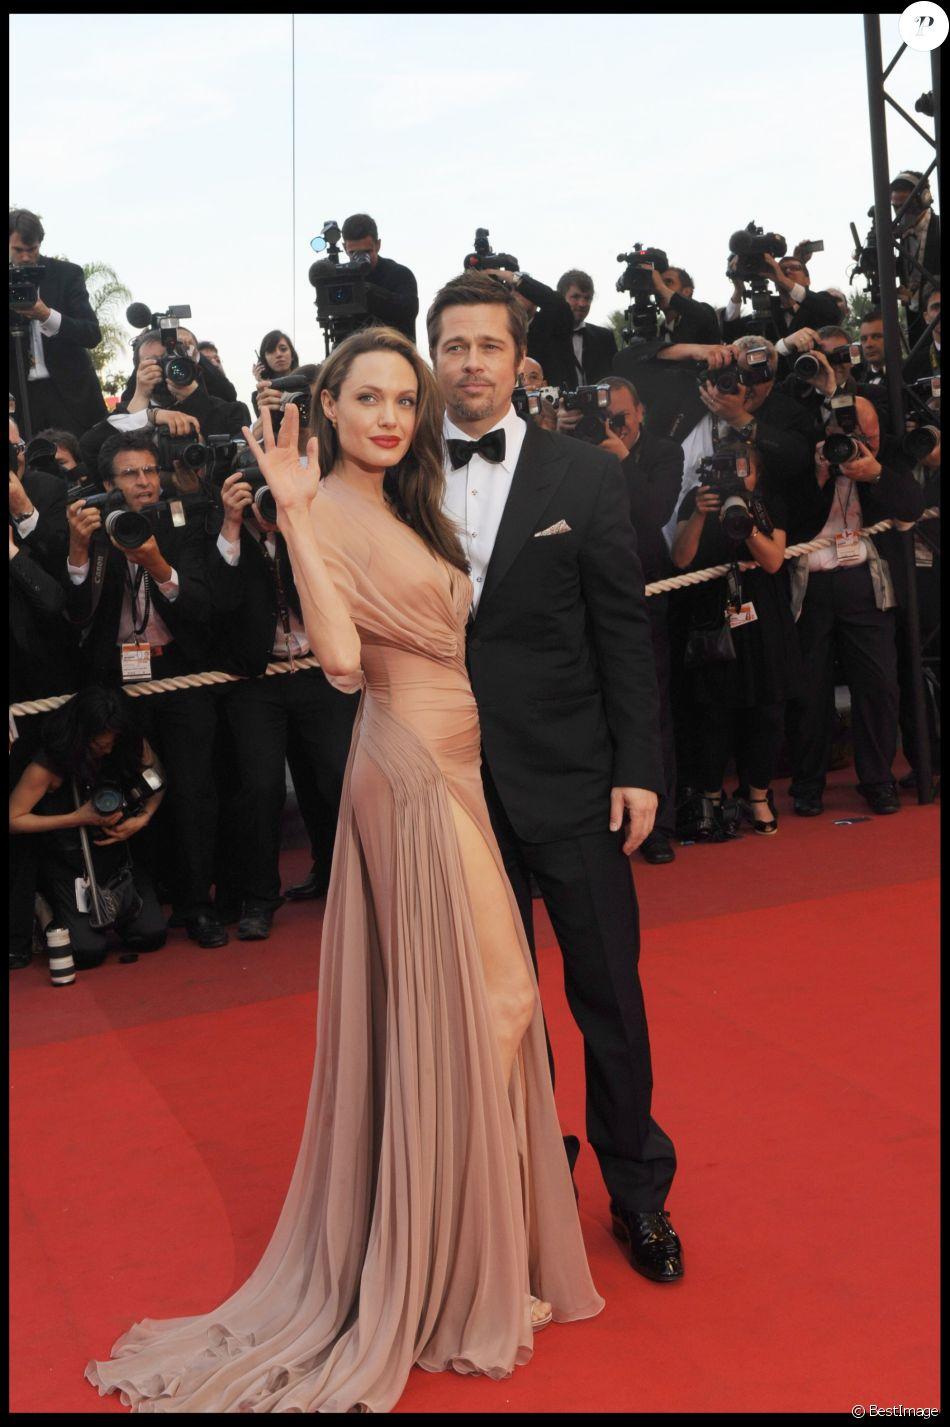 Brad Pitt et Angelina Jolie lors de la montée des marches du film Inglourious Basterds au Festival de Cannes 2011